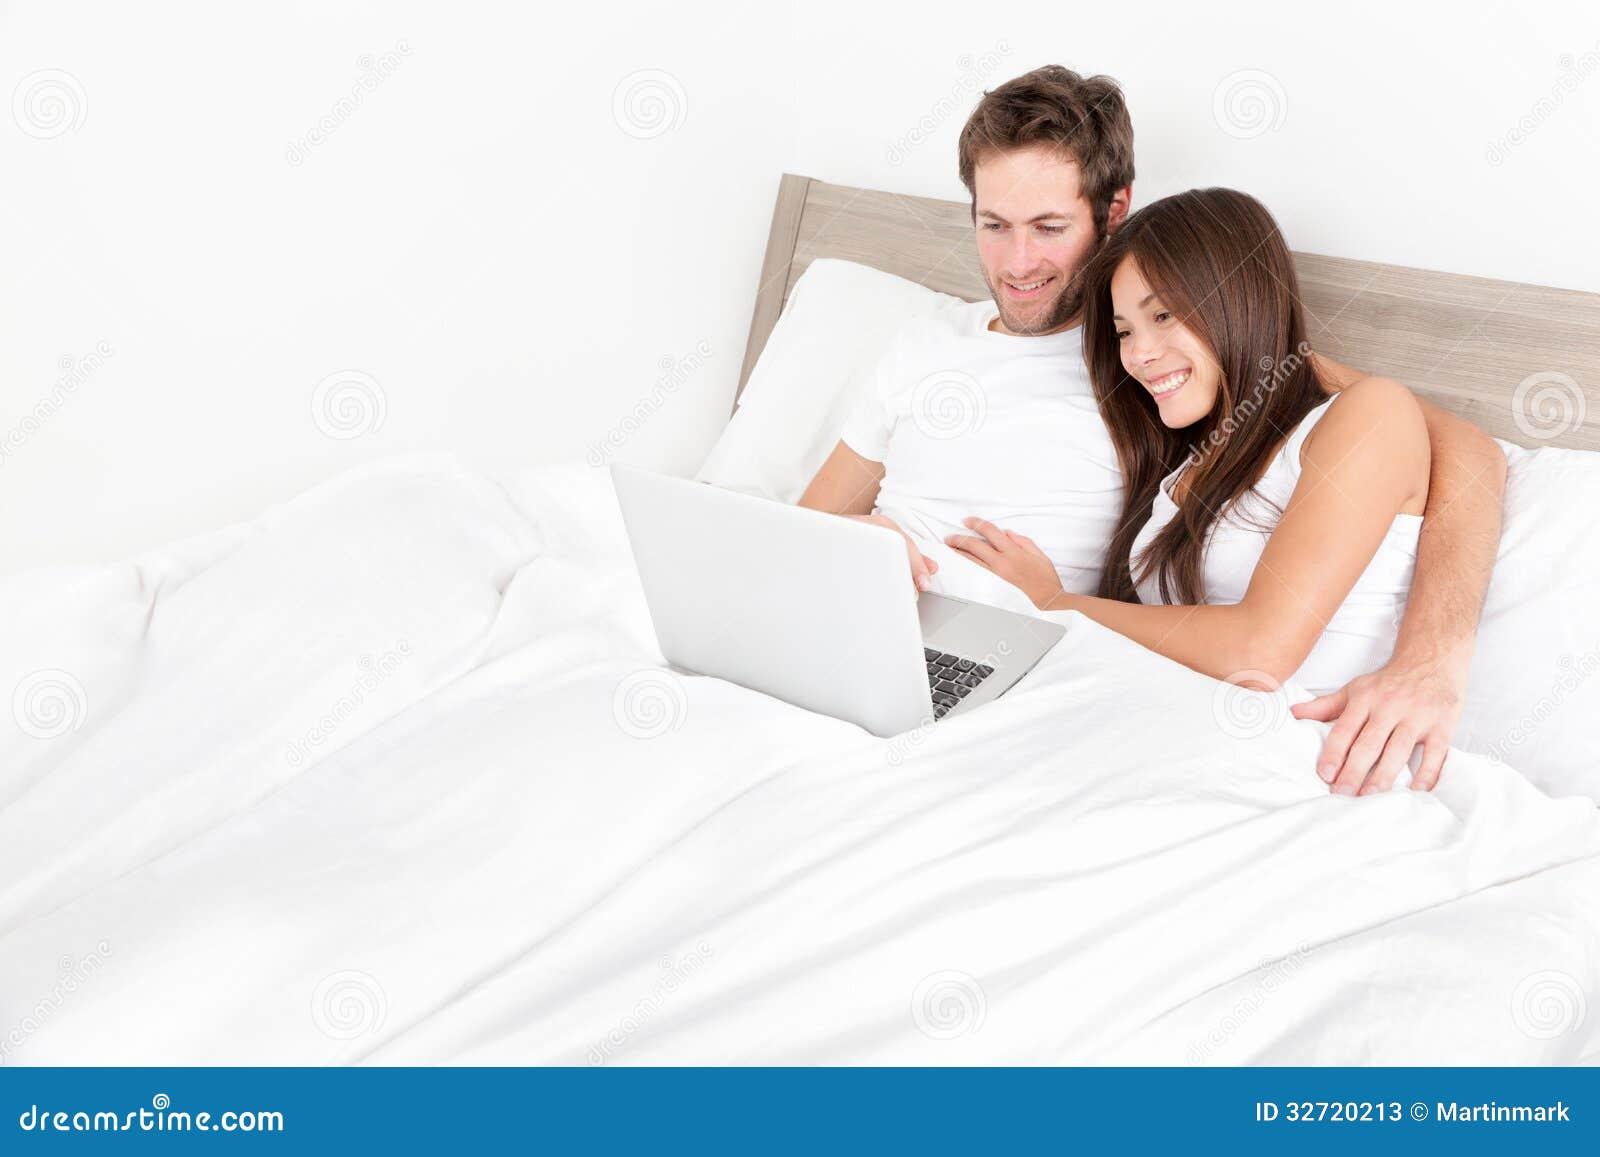 Ζεύγος κρεβατιών ευτυχές στο φορητό προσωπικό υπολογιστή στο δωμάτιο κρεβατιών